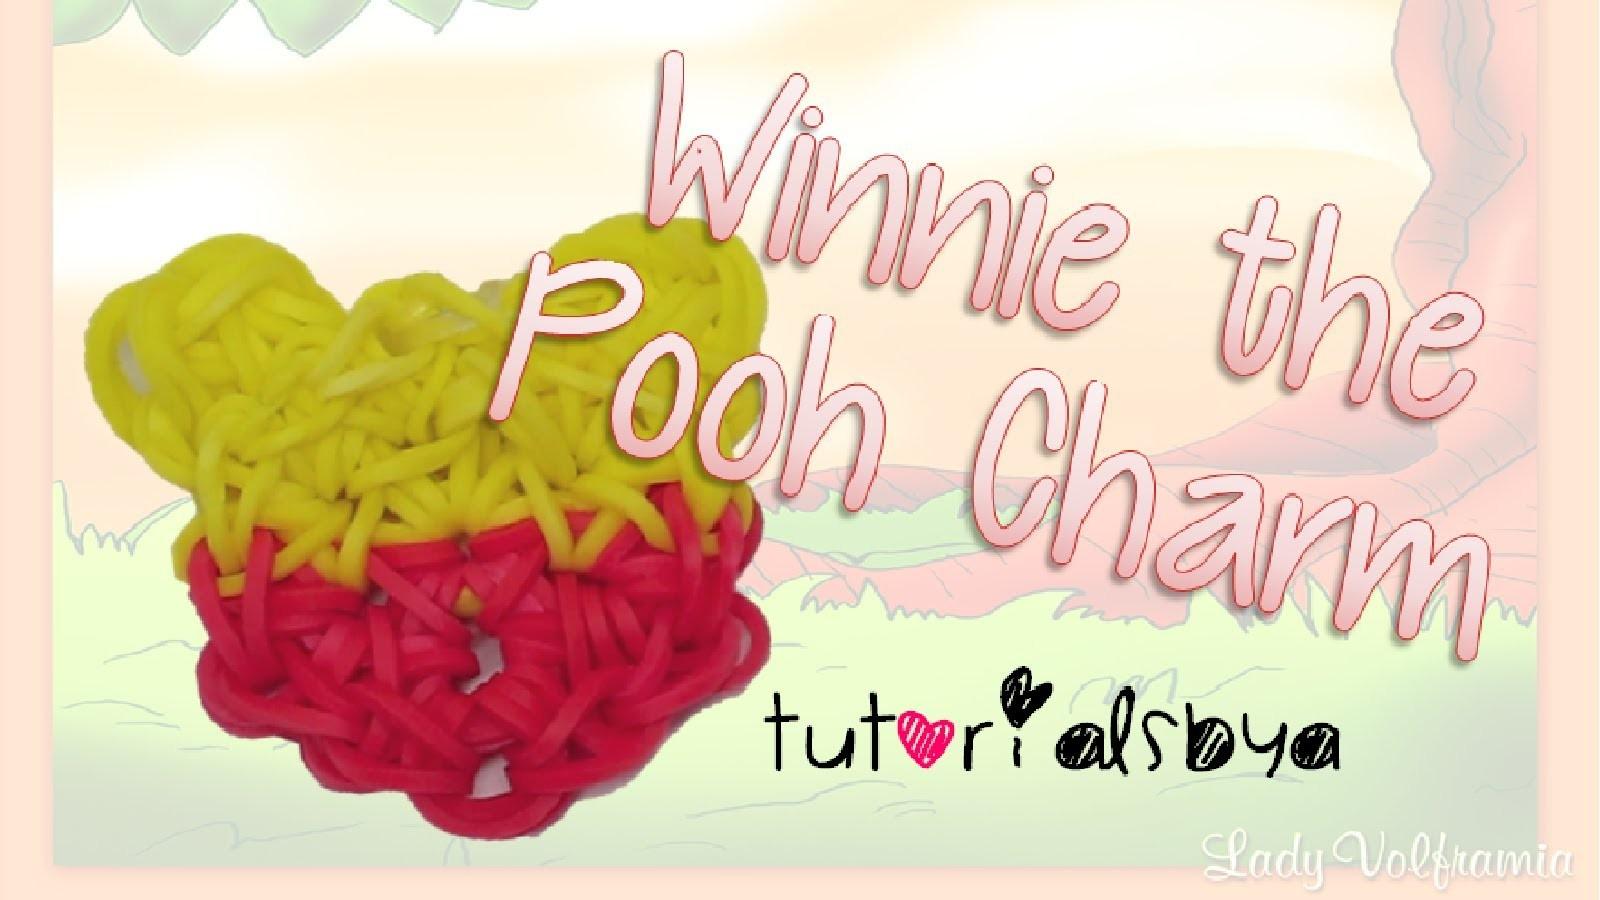 Winnie the Pooh Rainbow Loom Charm Tutorial